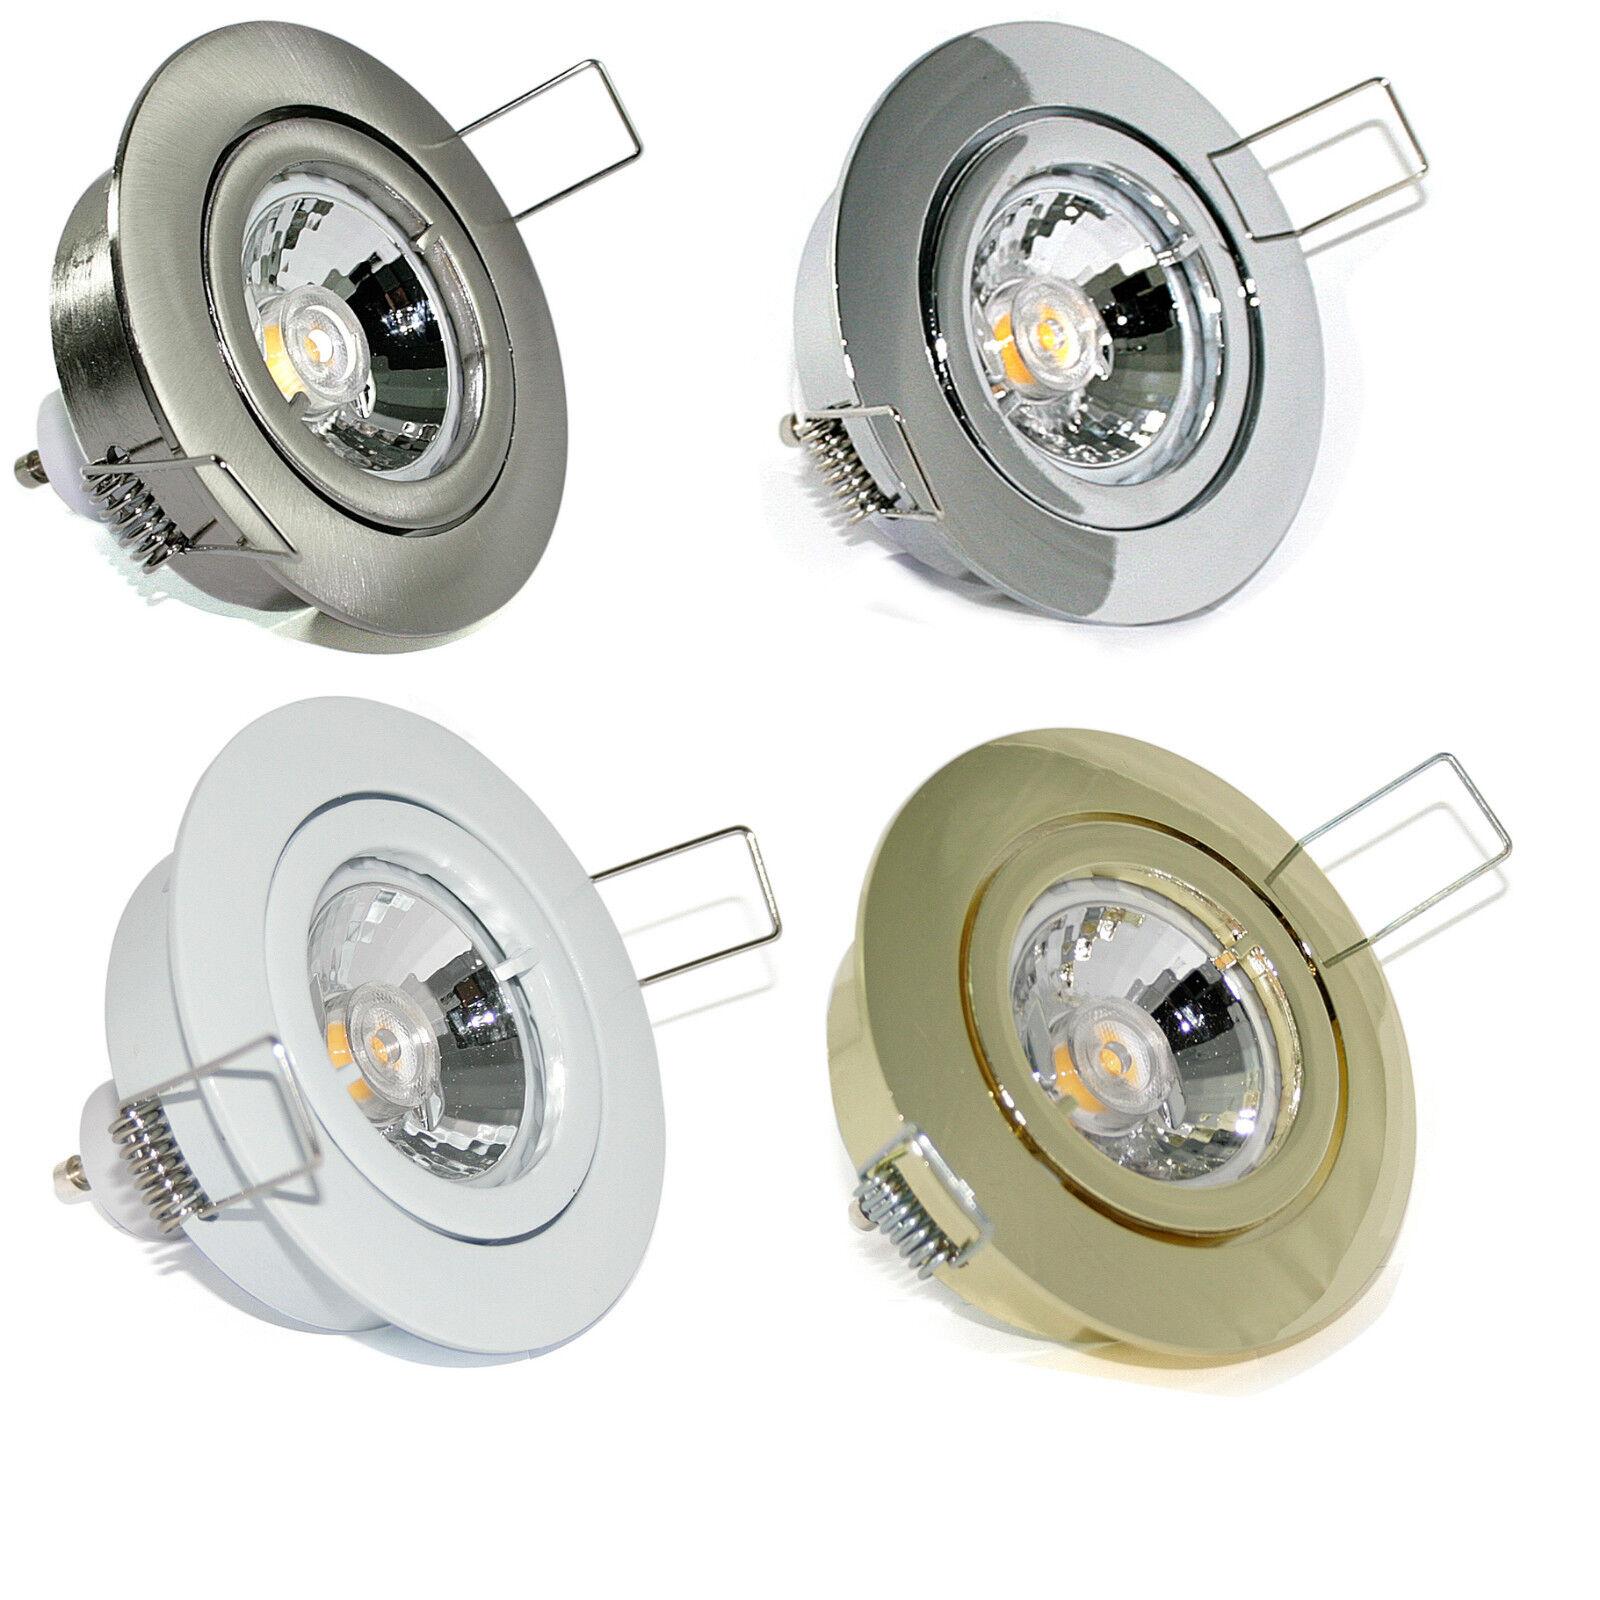 1 - 20er Leuchte Lana 7W = 52W GU10 Power Led Dimmbar 230V schwenkbar